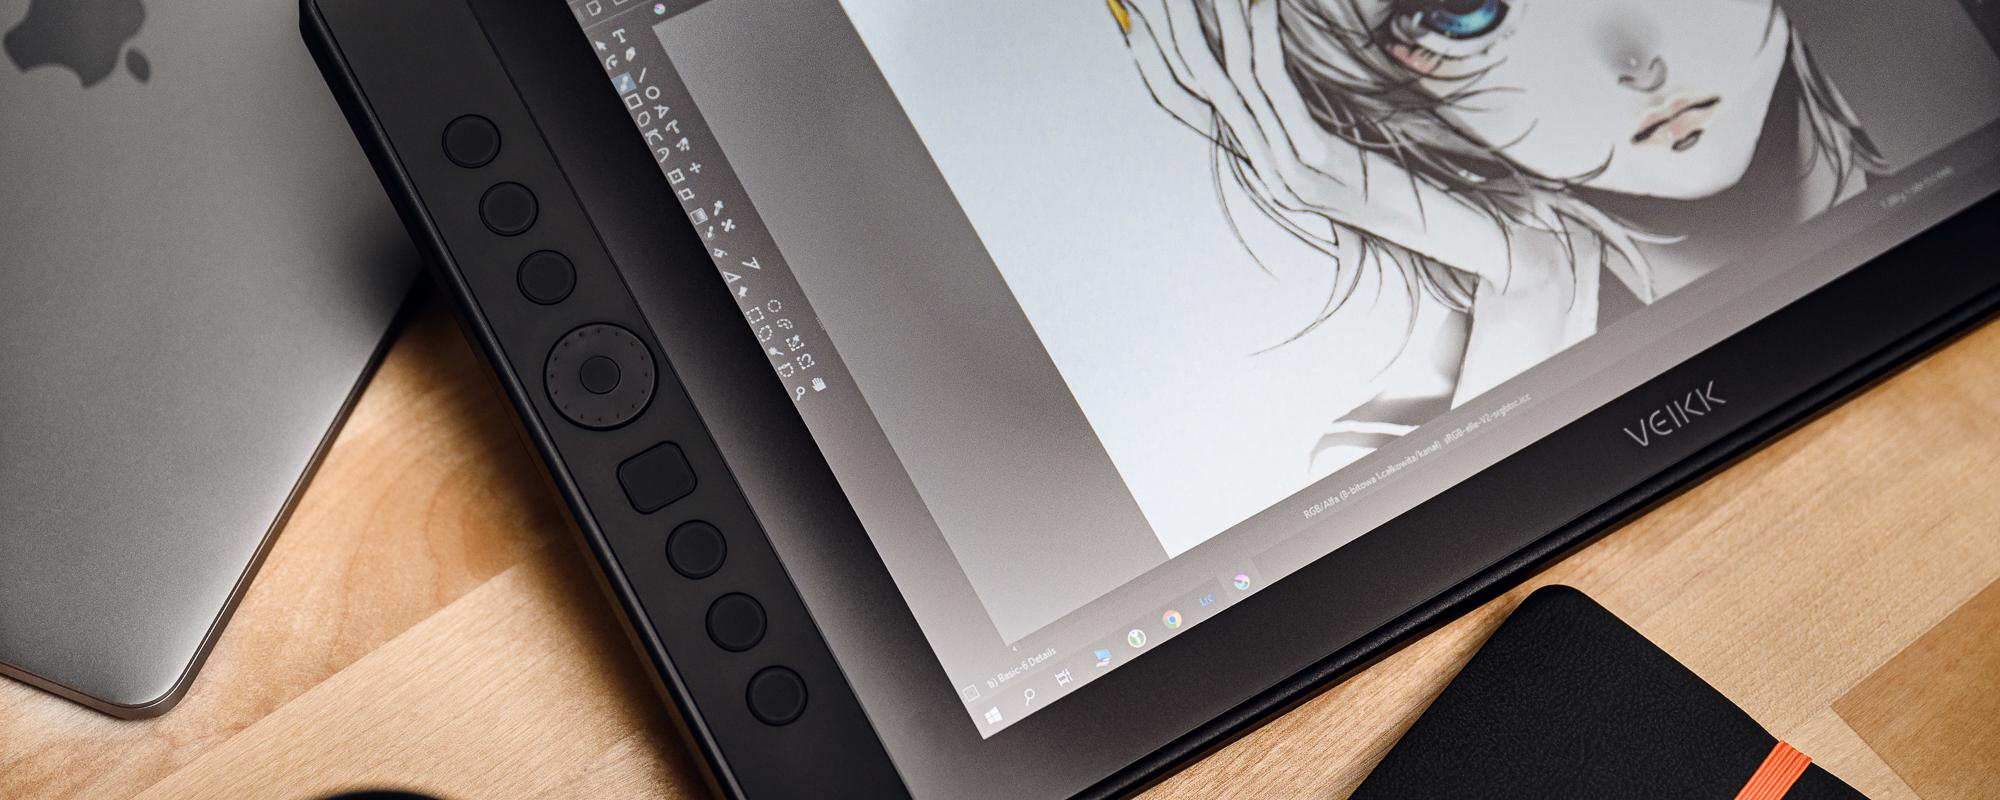 Zdjęcie - zbliżenie na klawisze tabletu z ekranem LCD Veikk VK1560